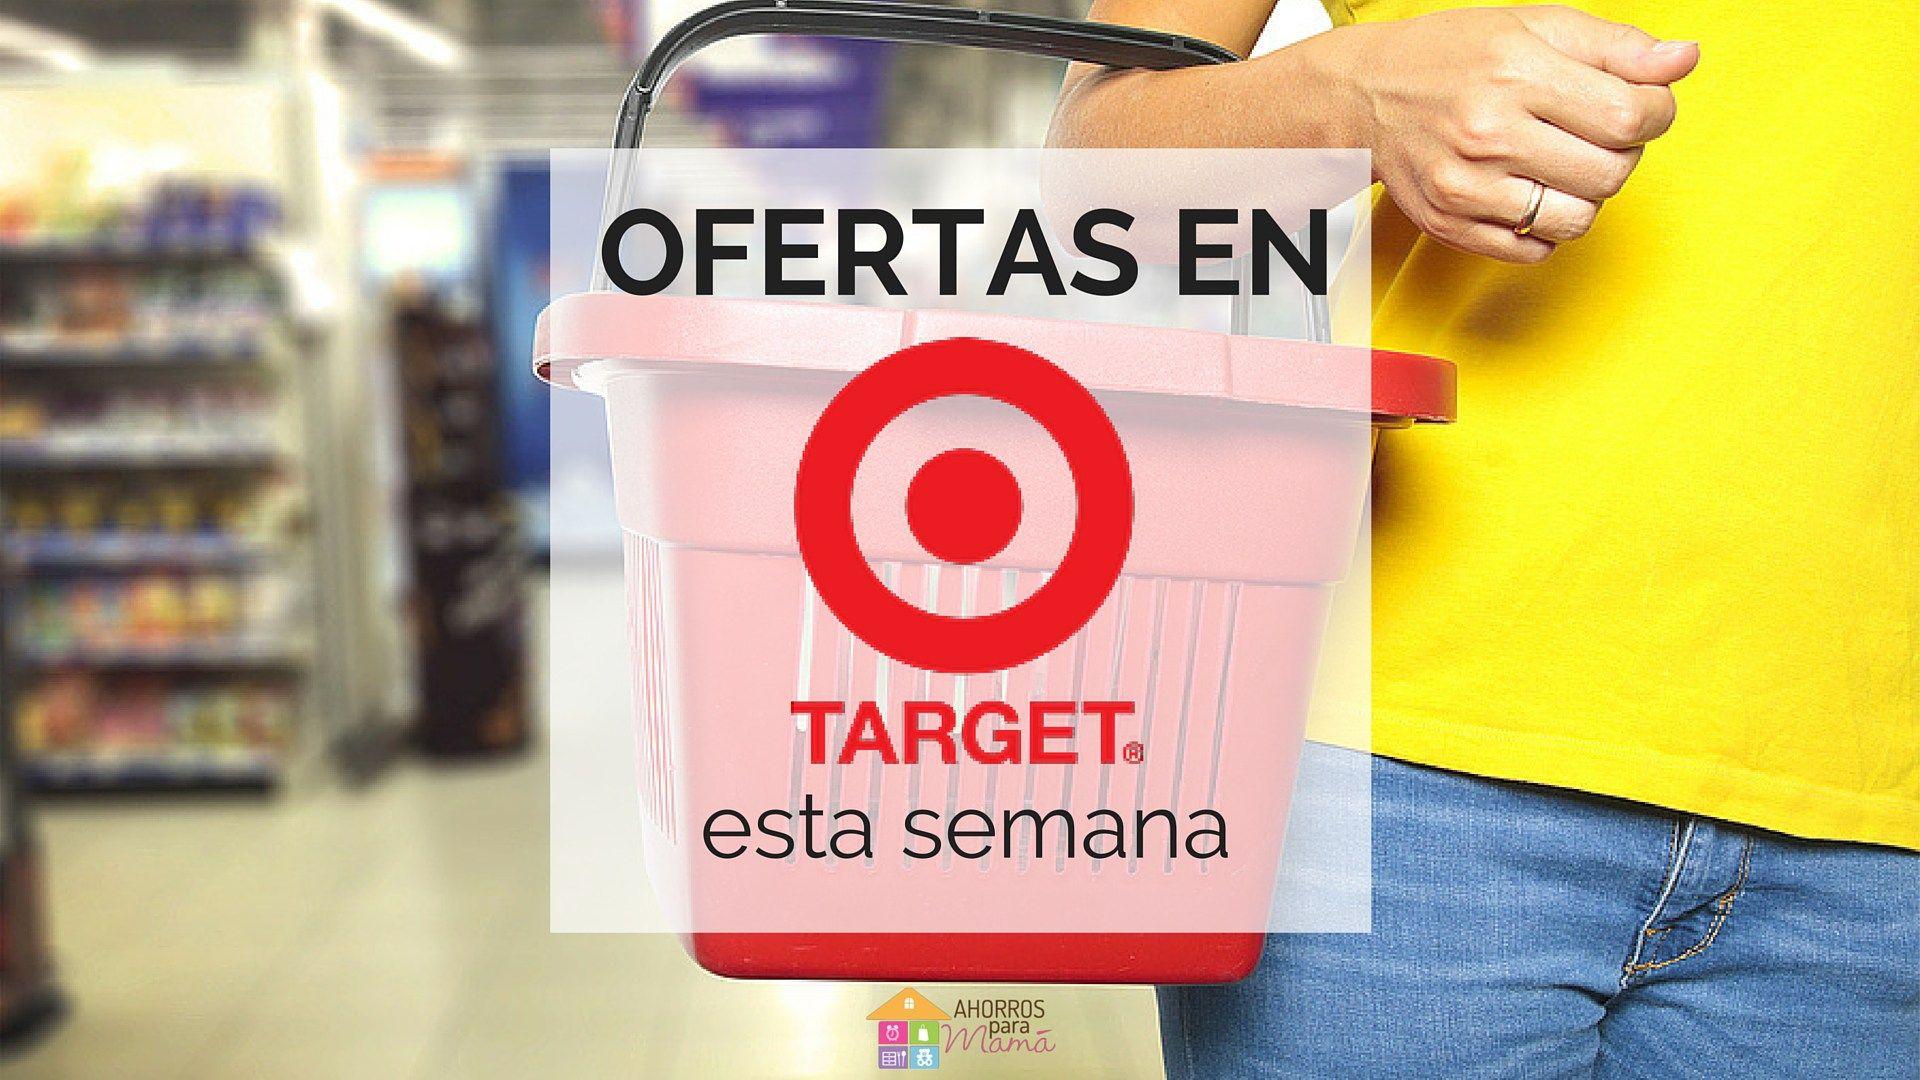 Target: Ofertas para la semana del 07/17 - 07/23 - Ahorros para Mamá